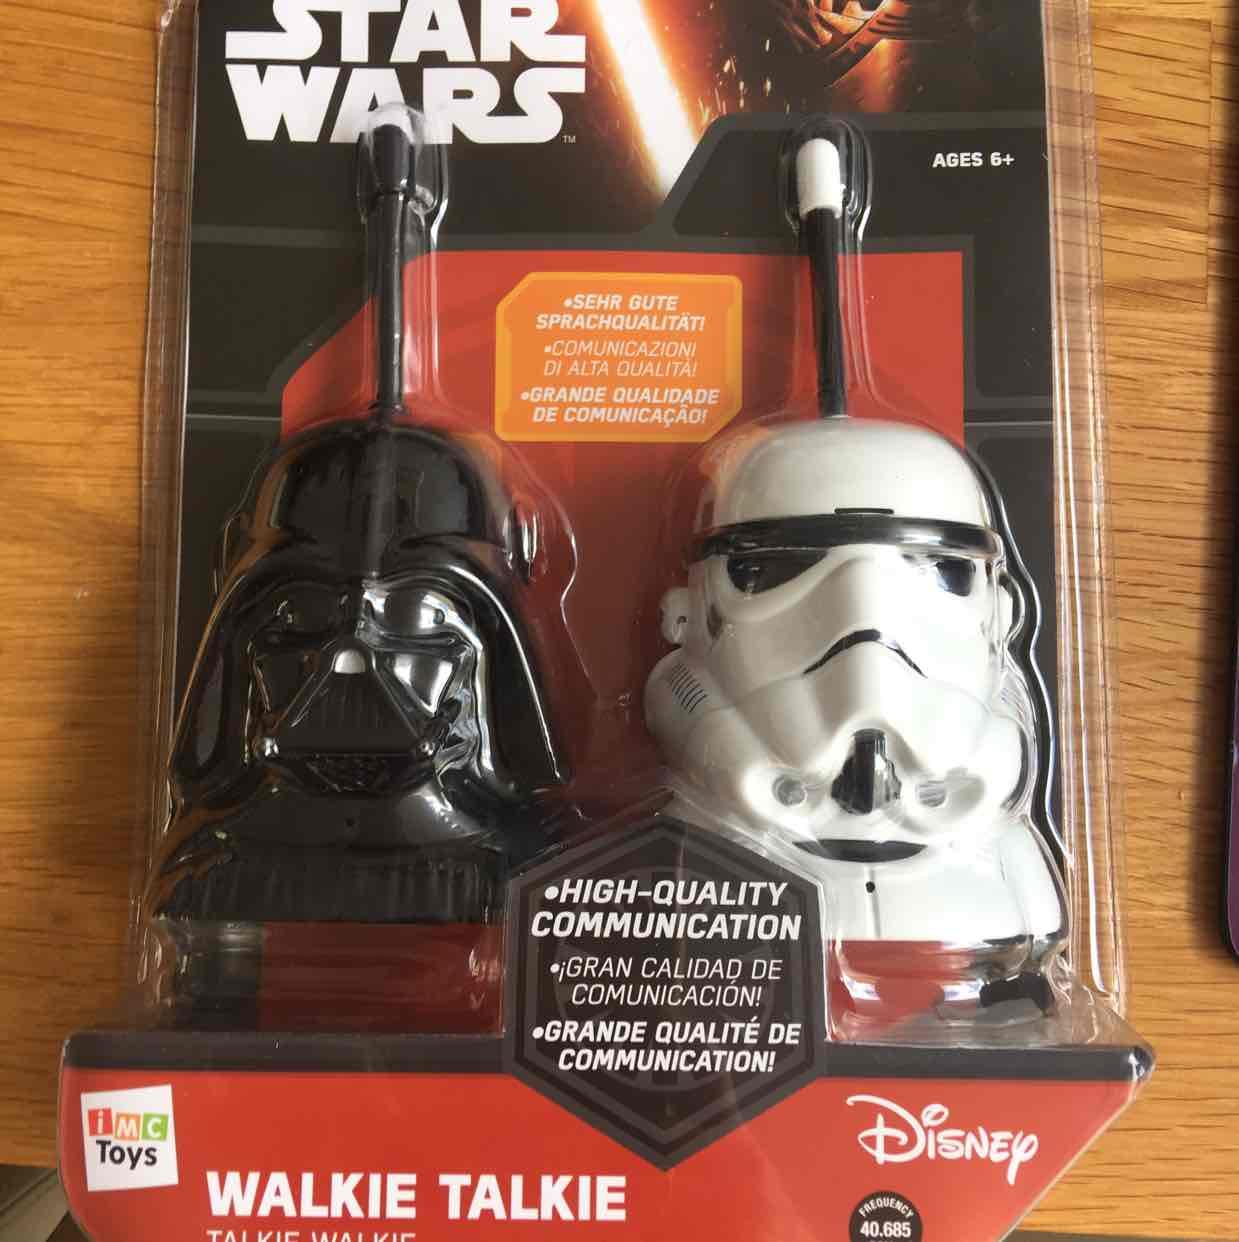 Star War walkie talkie - 10p instore @ B&M Wantage